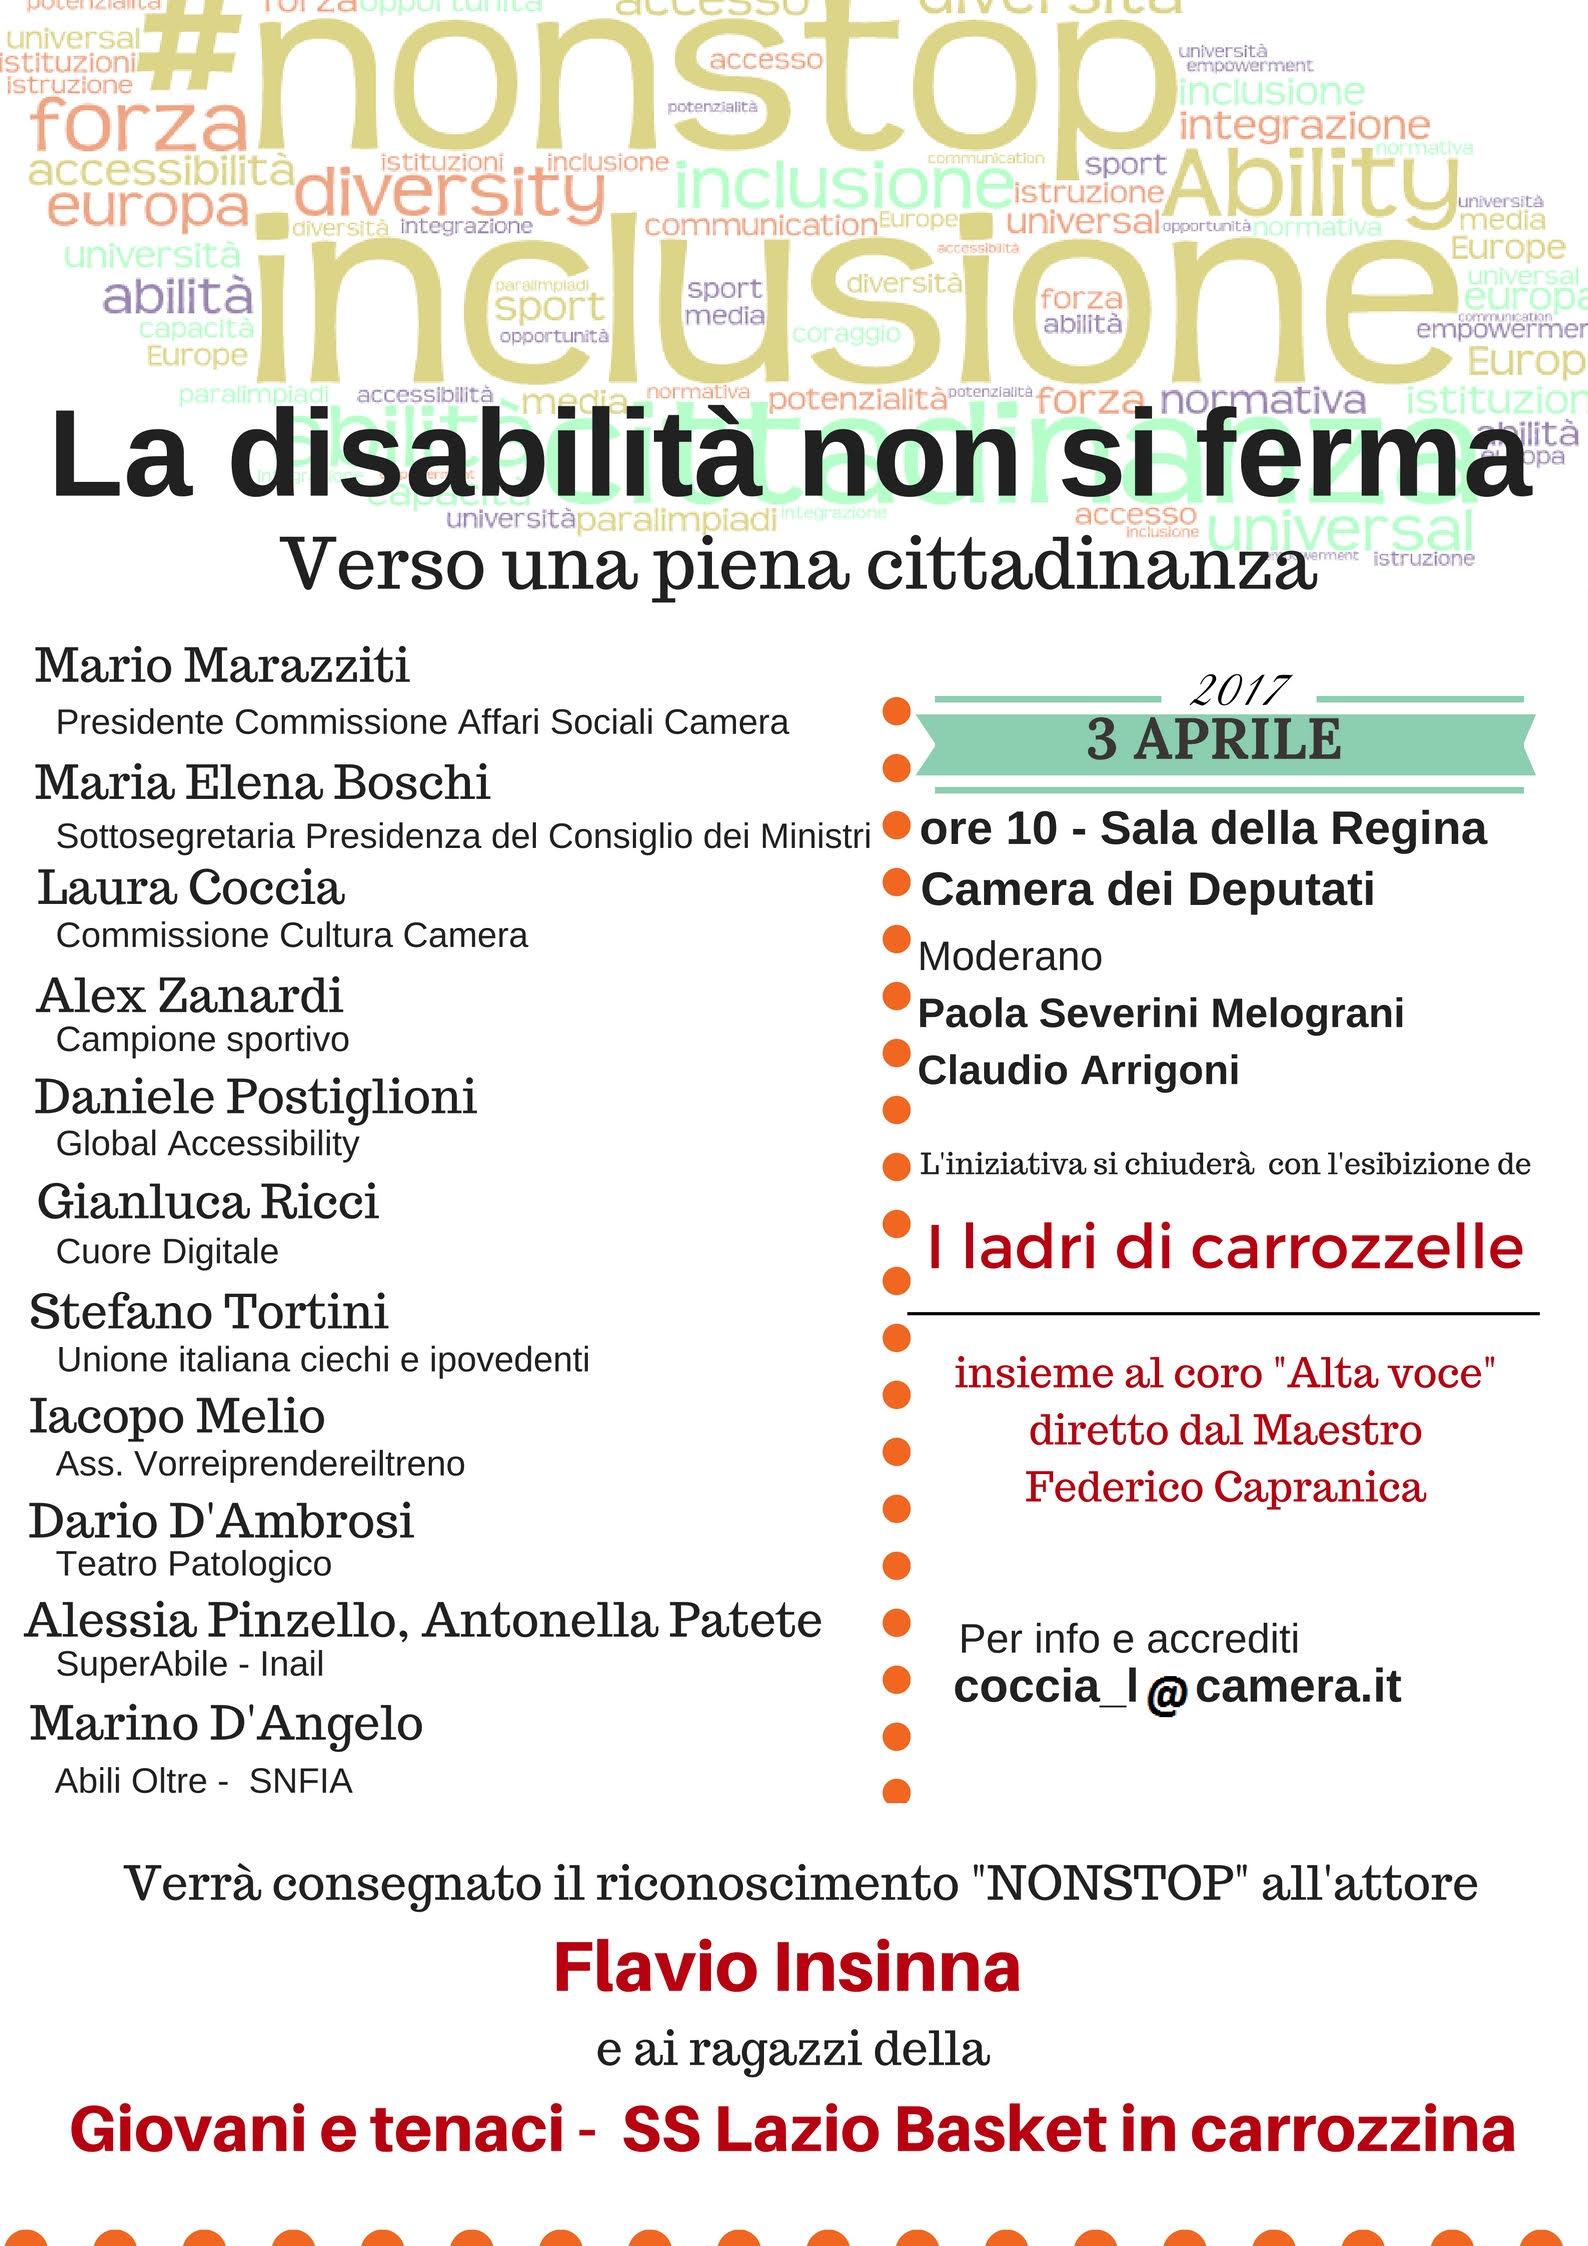 Ladri DI Carrozzelle - Ladrenalina